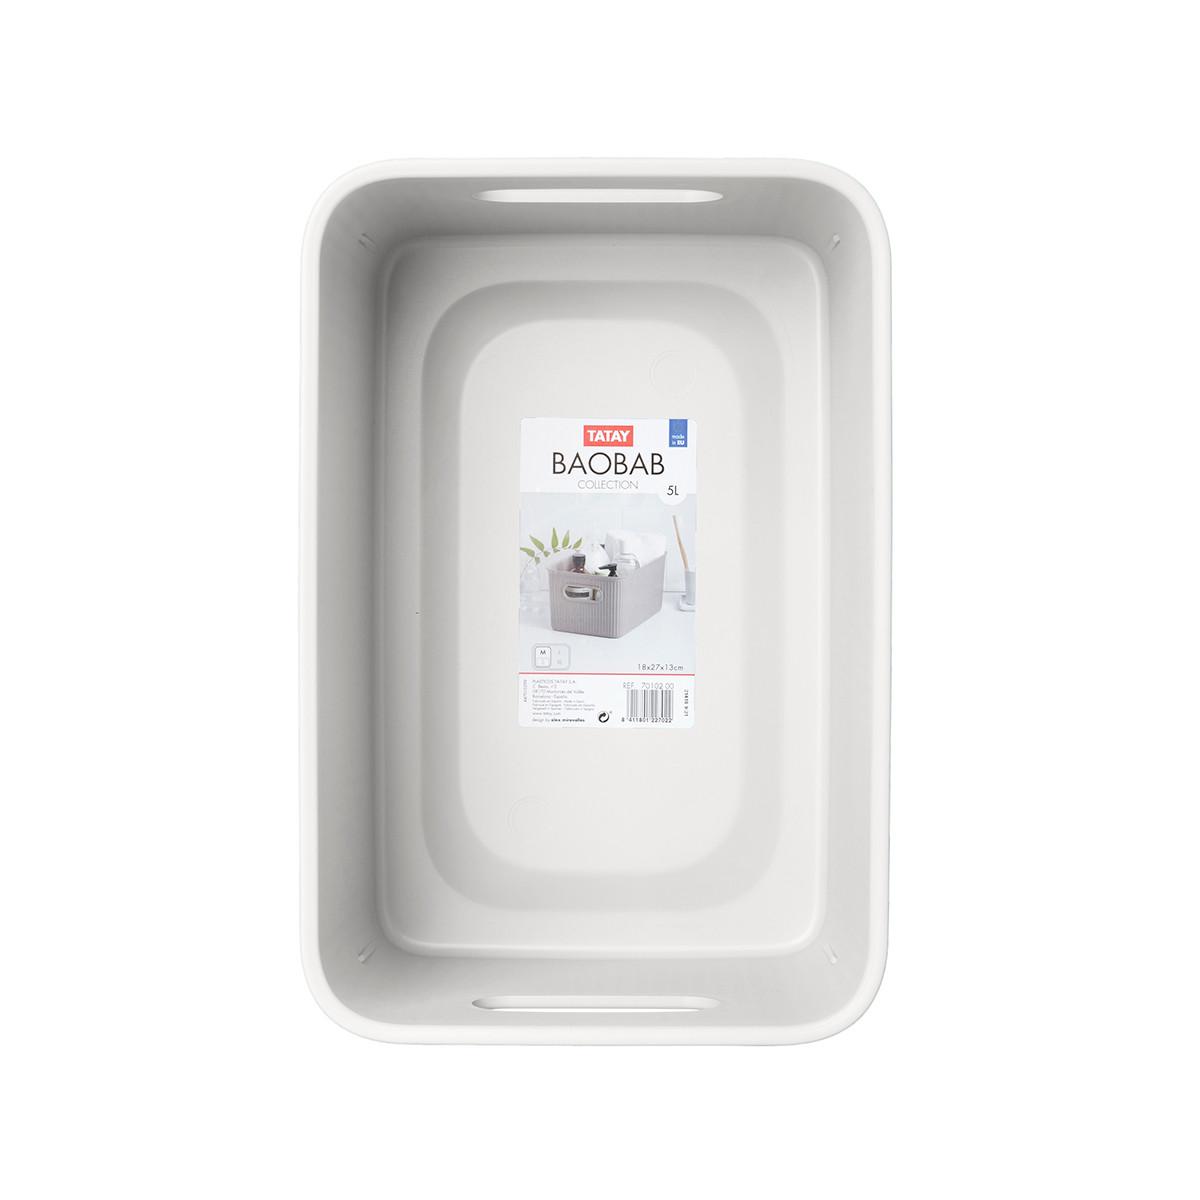 Κουτί Αποθήκευσης Tatay Baobab Medium 70102.01 White